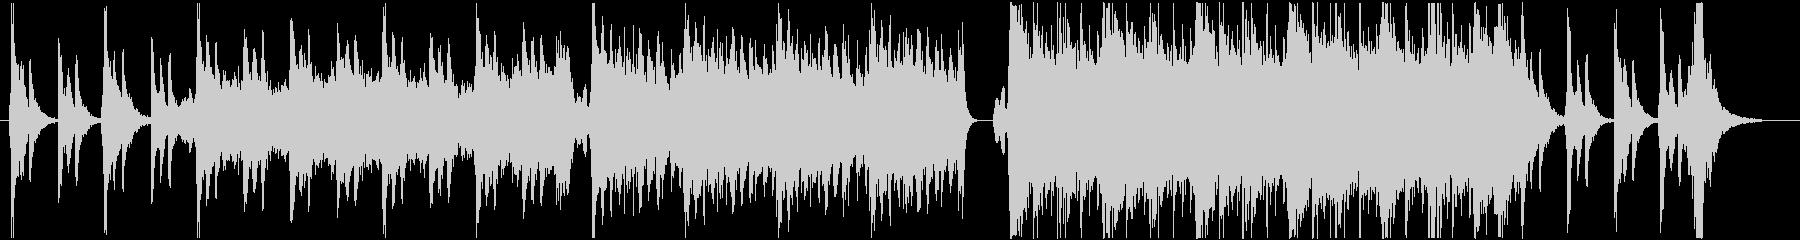 ファンタジー系の壮大なオーケストラBGMの未再生の波形